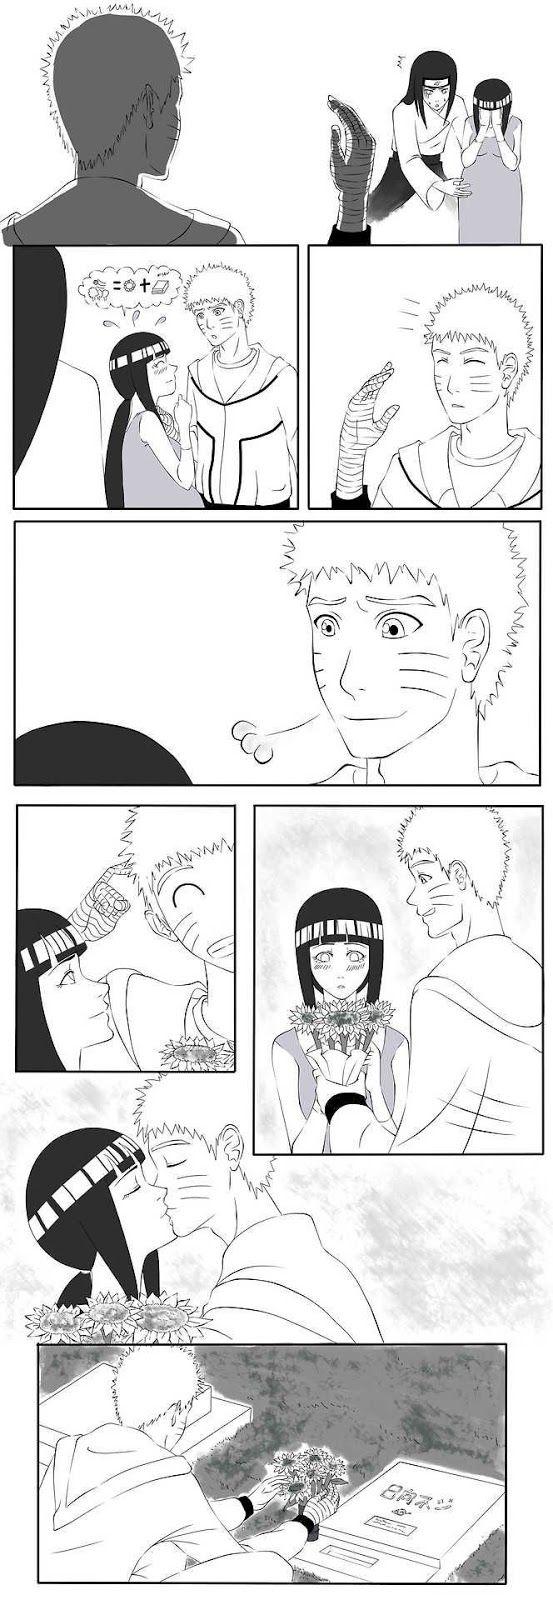 Komik Naruto FanArt Anime, Tudo anime, Casais de naruto